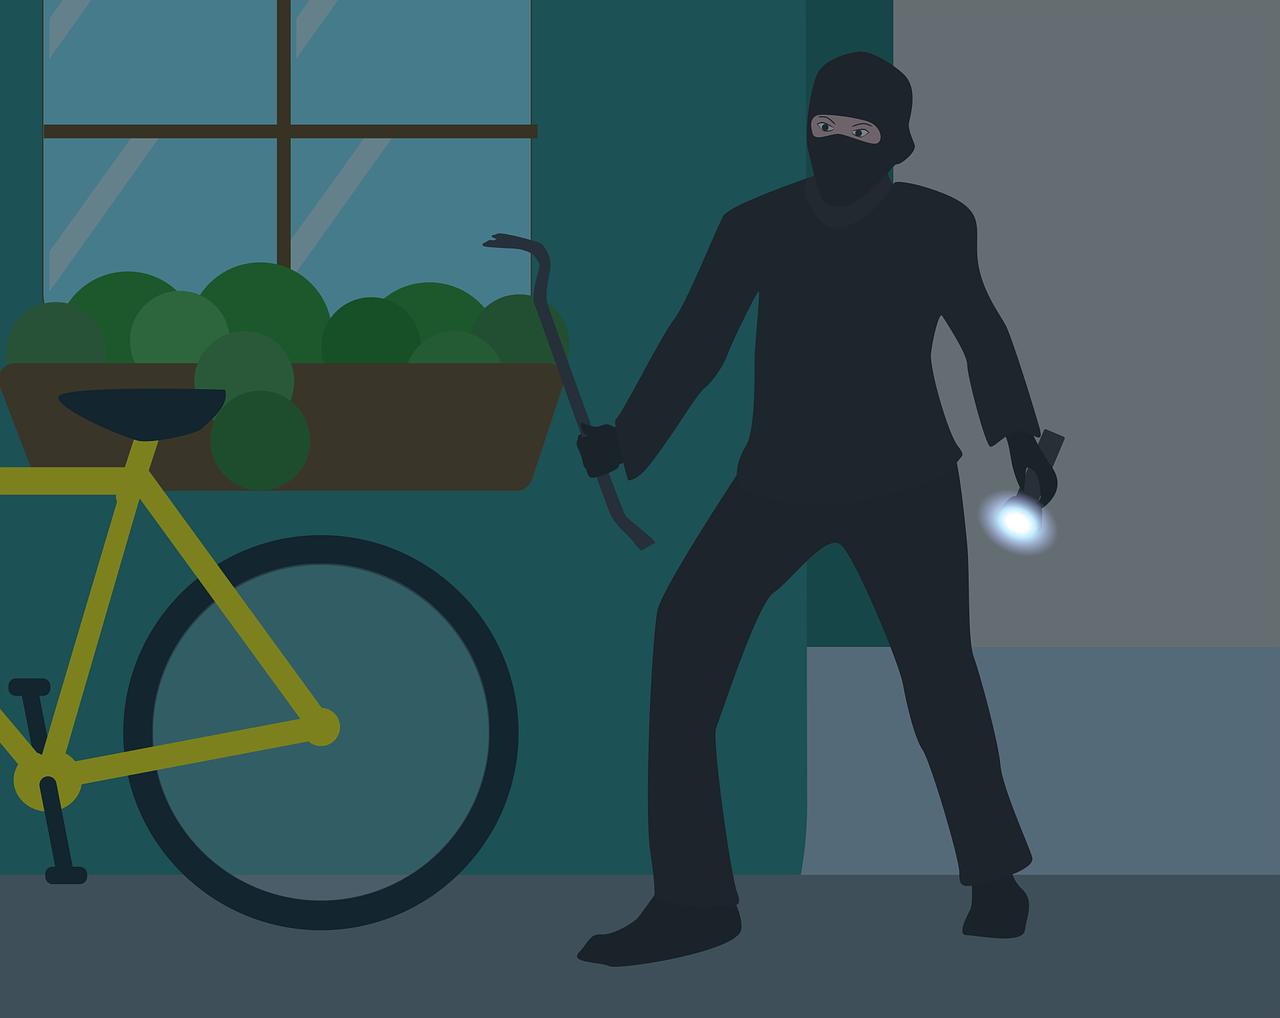 تصویر کارتونی یک دزد مشغول سرقت از خانه